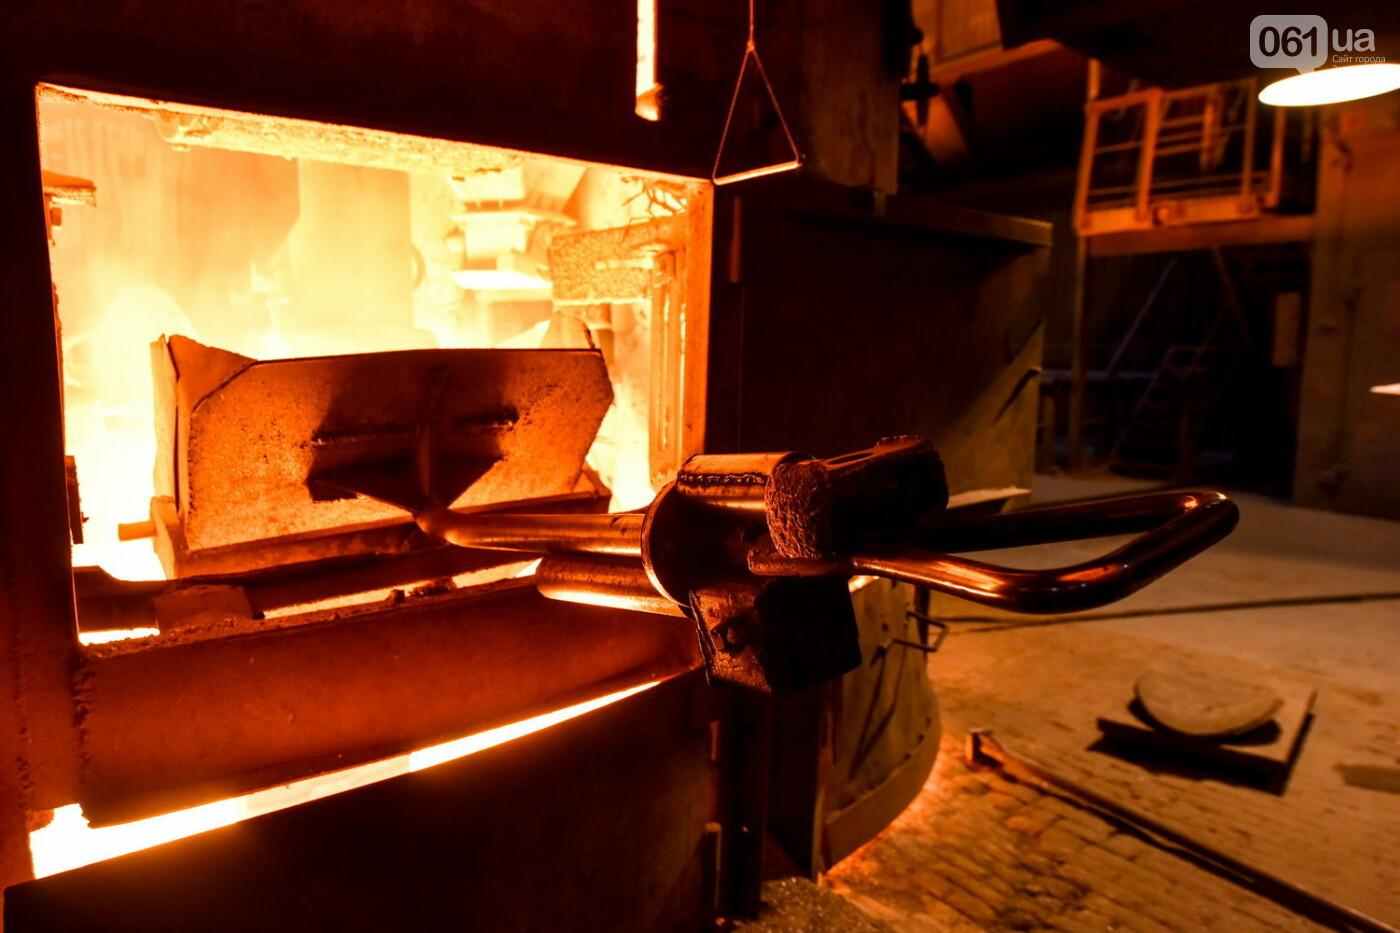 Как руду превращают в ферросплавы: экскурсия на производство, – ФОТОРЕПОРТАЖ, фото-20